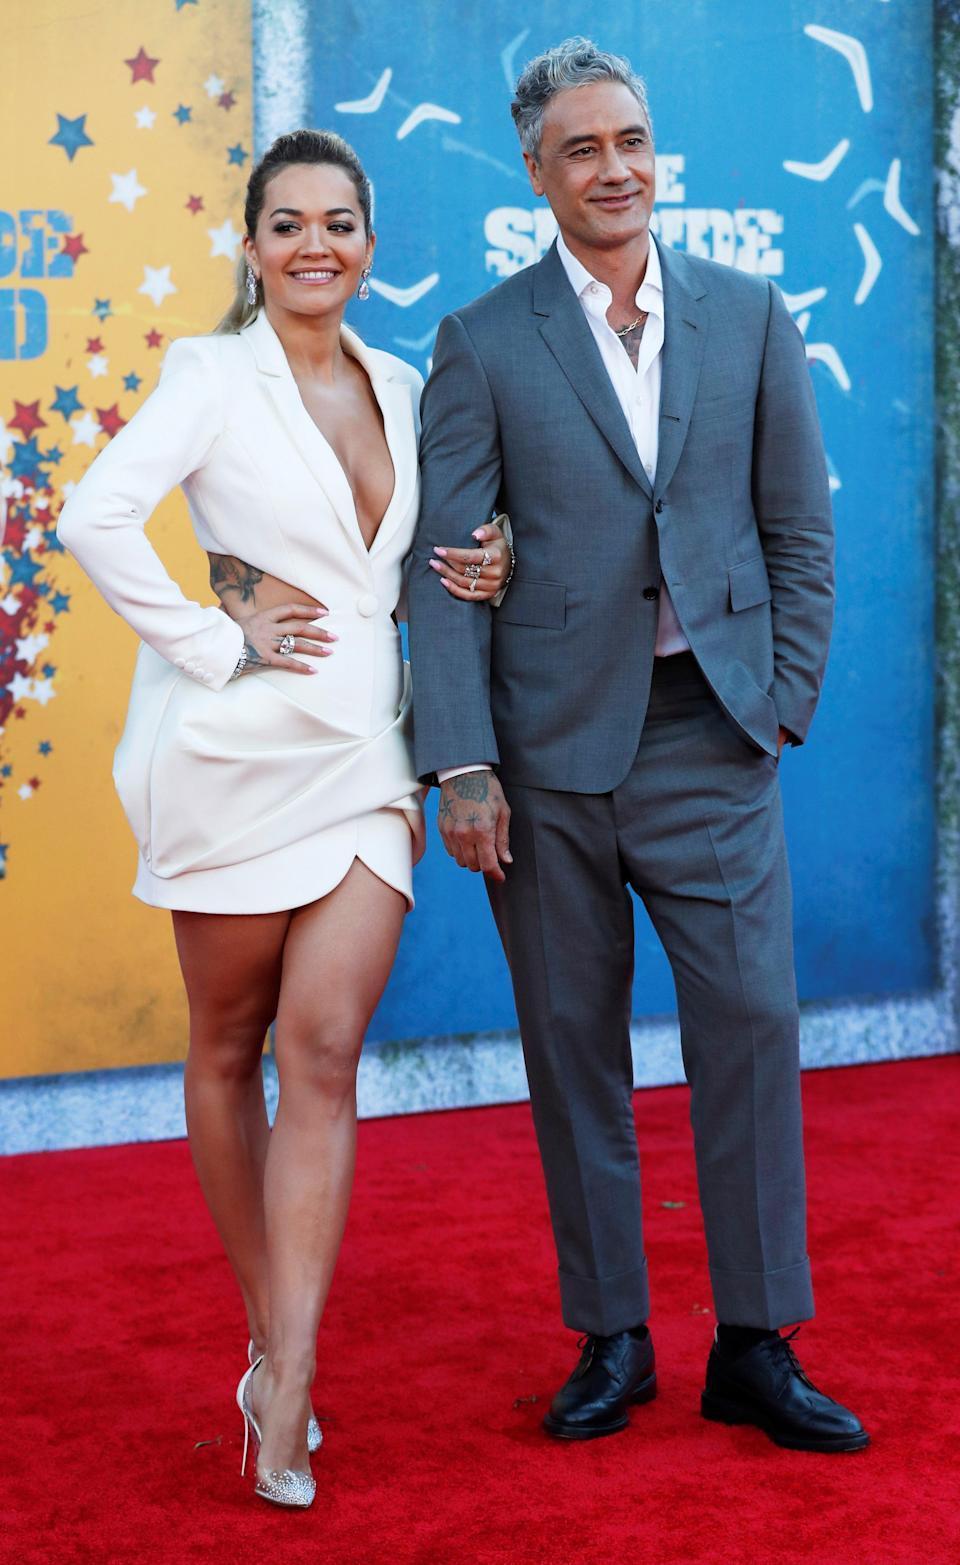 芮塔歐拉和塔伊加維迪提在「自殺突擊隊:集結」美國首映會上正式公開戀情。(路透資料...